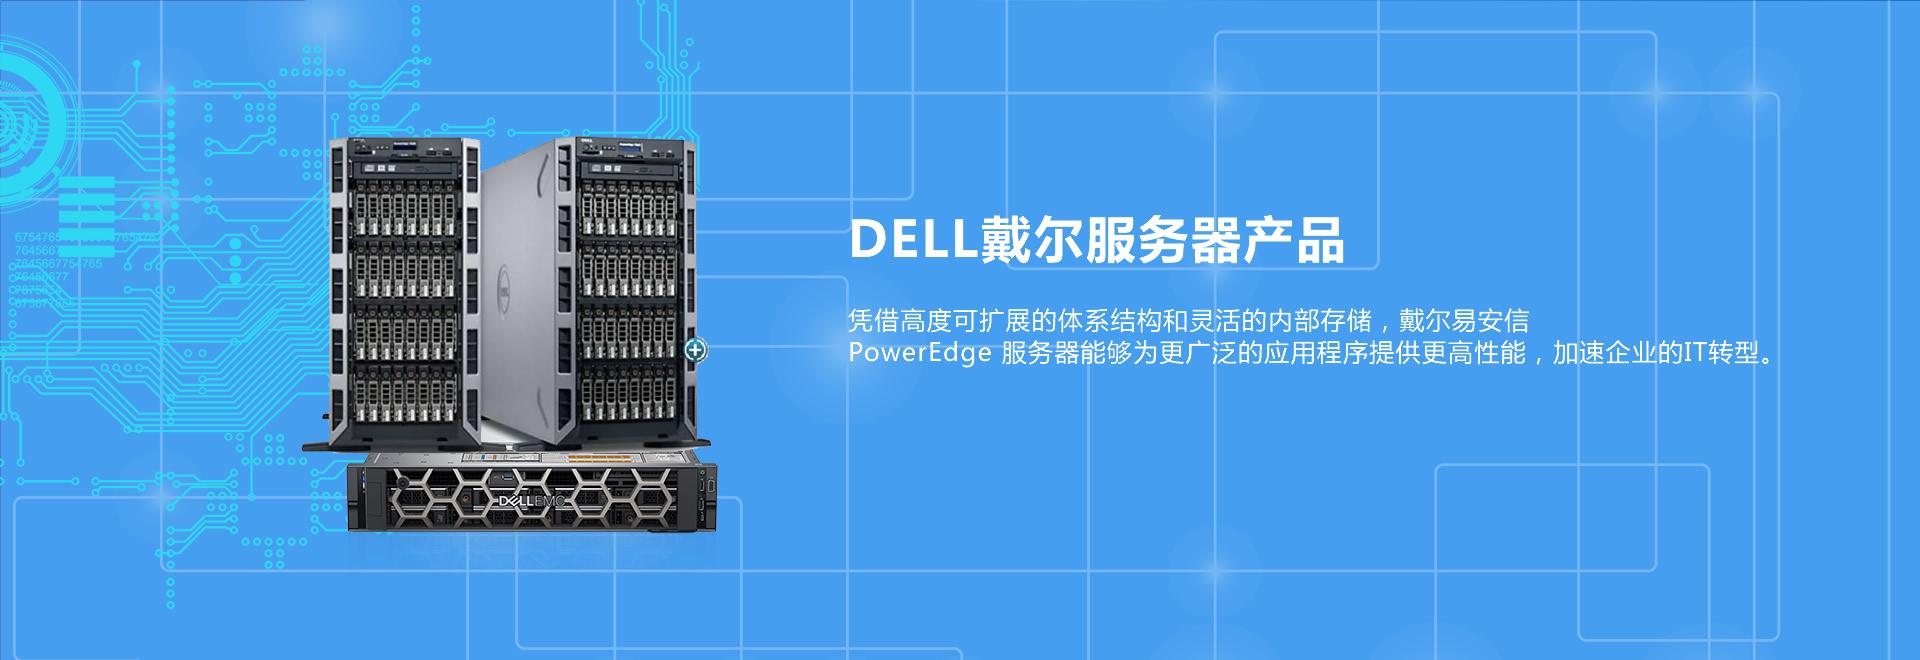 上海戴尔服务器